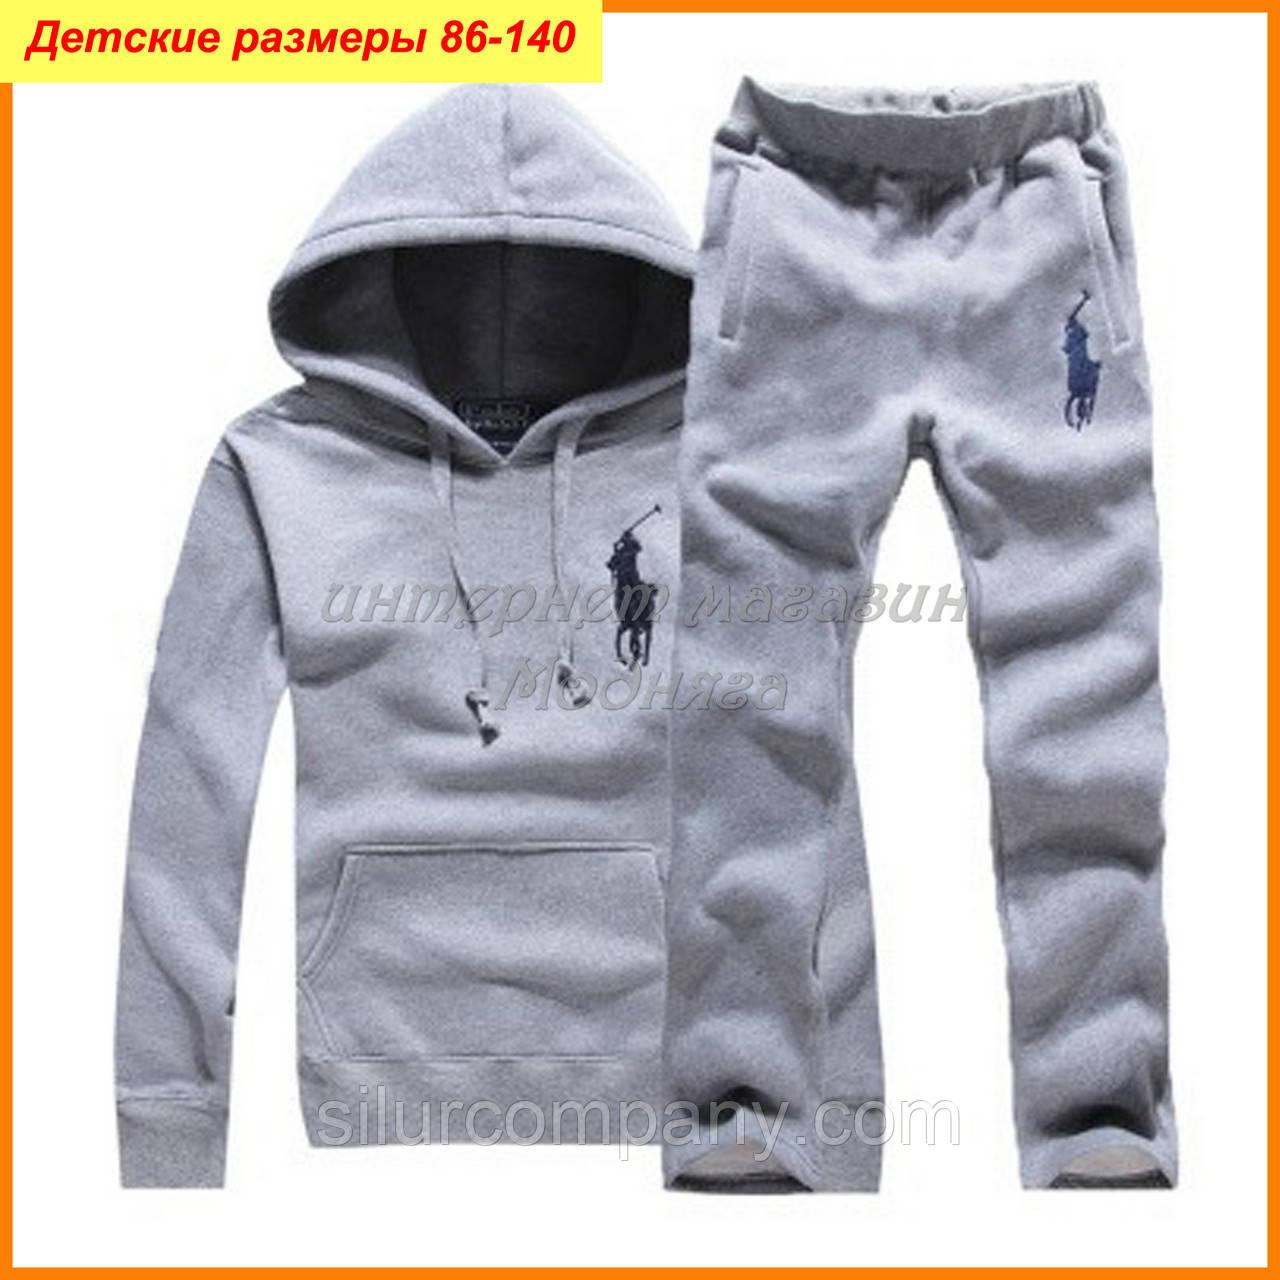 d313b1e8c Спортивная одежда для детей|Интернет-магазин детской одежды - Интернет  магазин